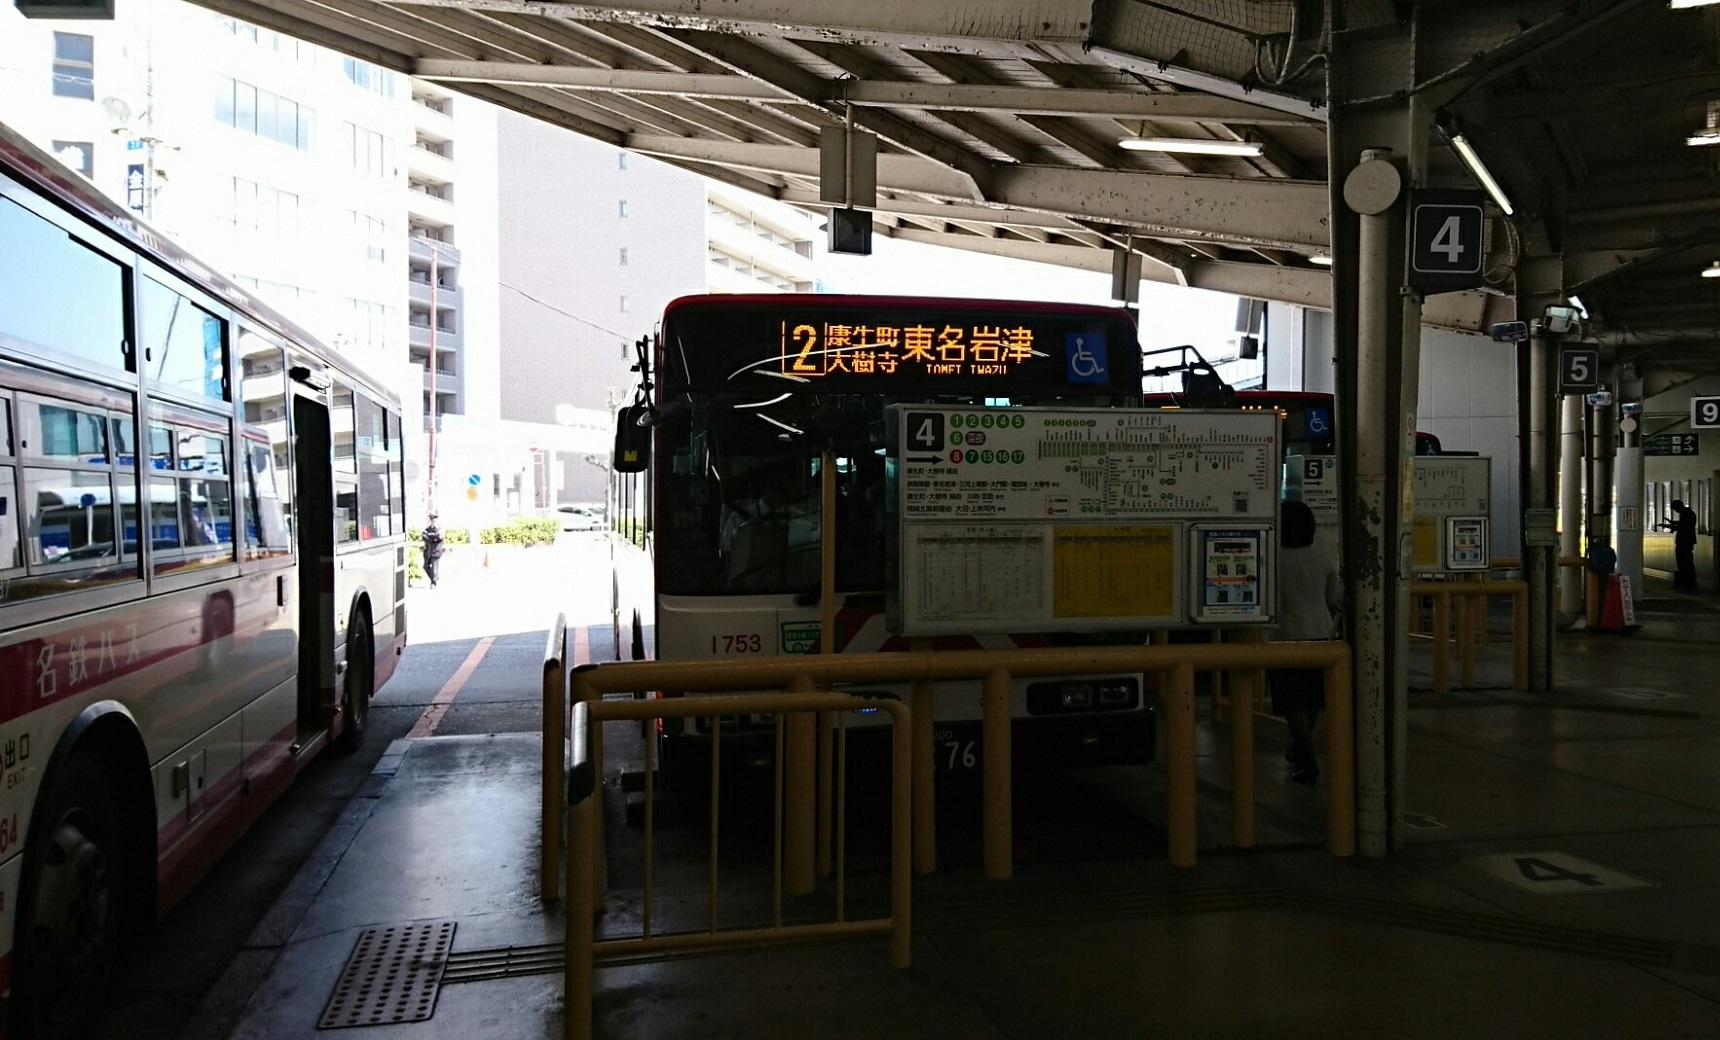 2019.4.8 (8) 東岡崎 - 東名岩津いきバス 1720-1040